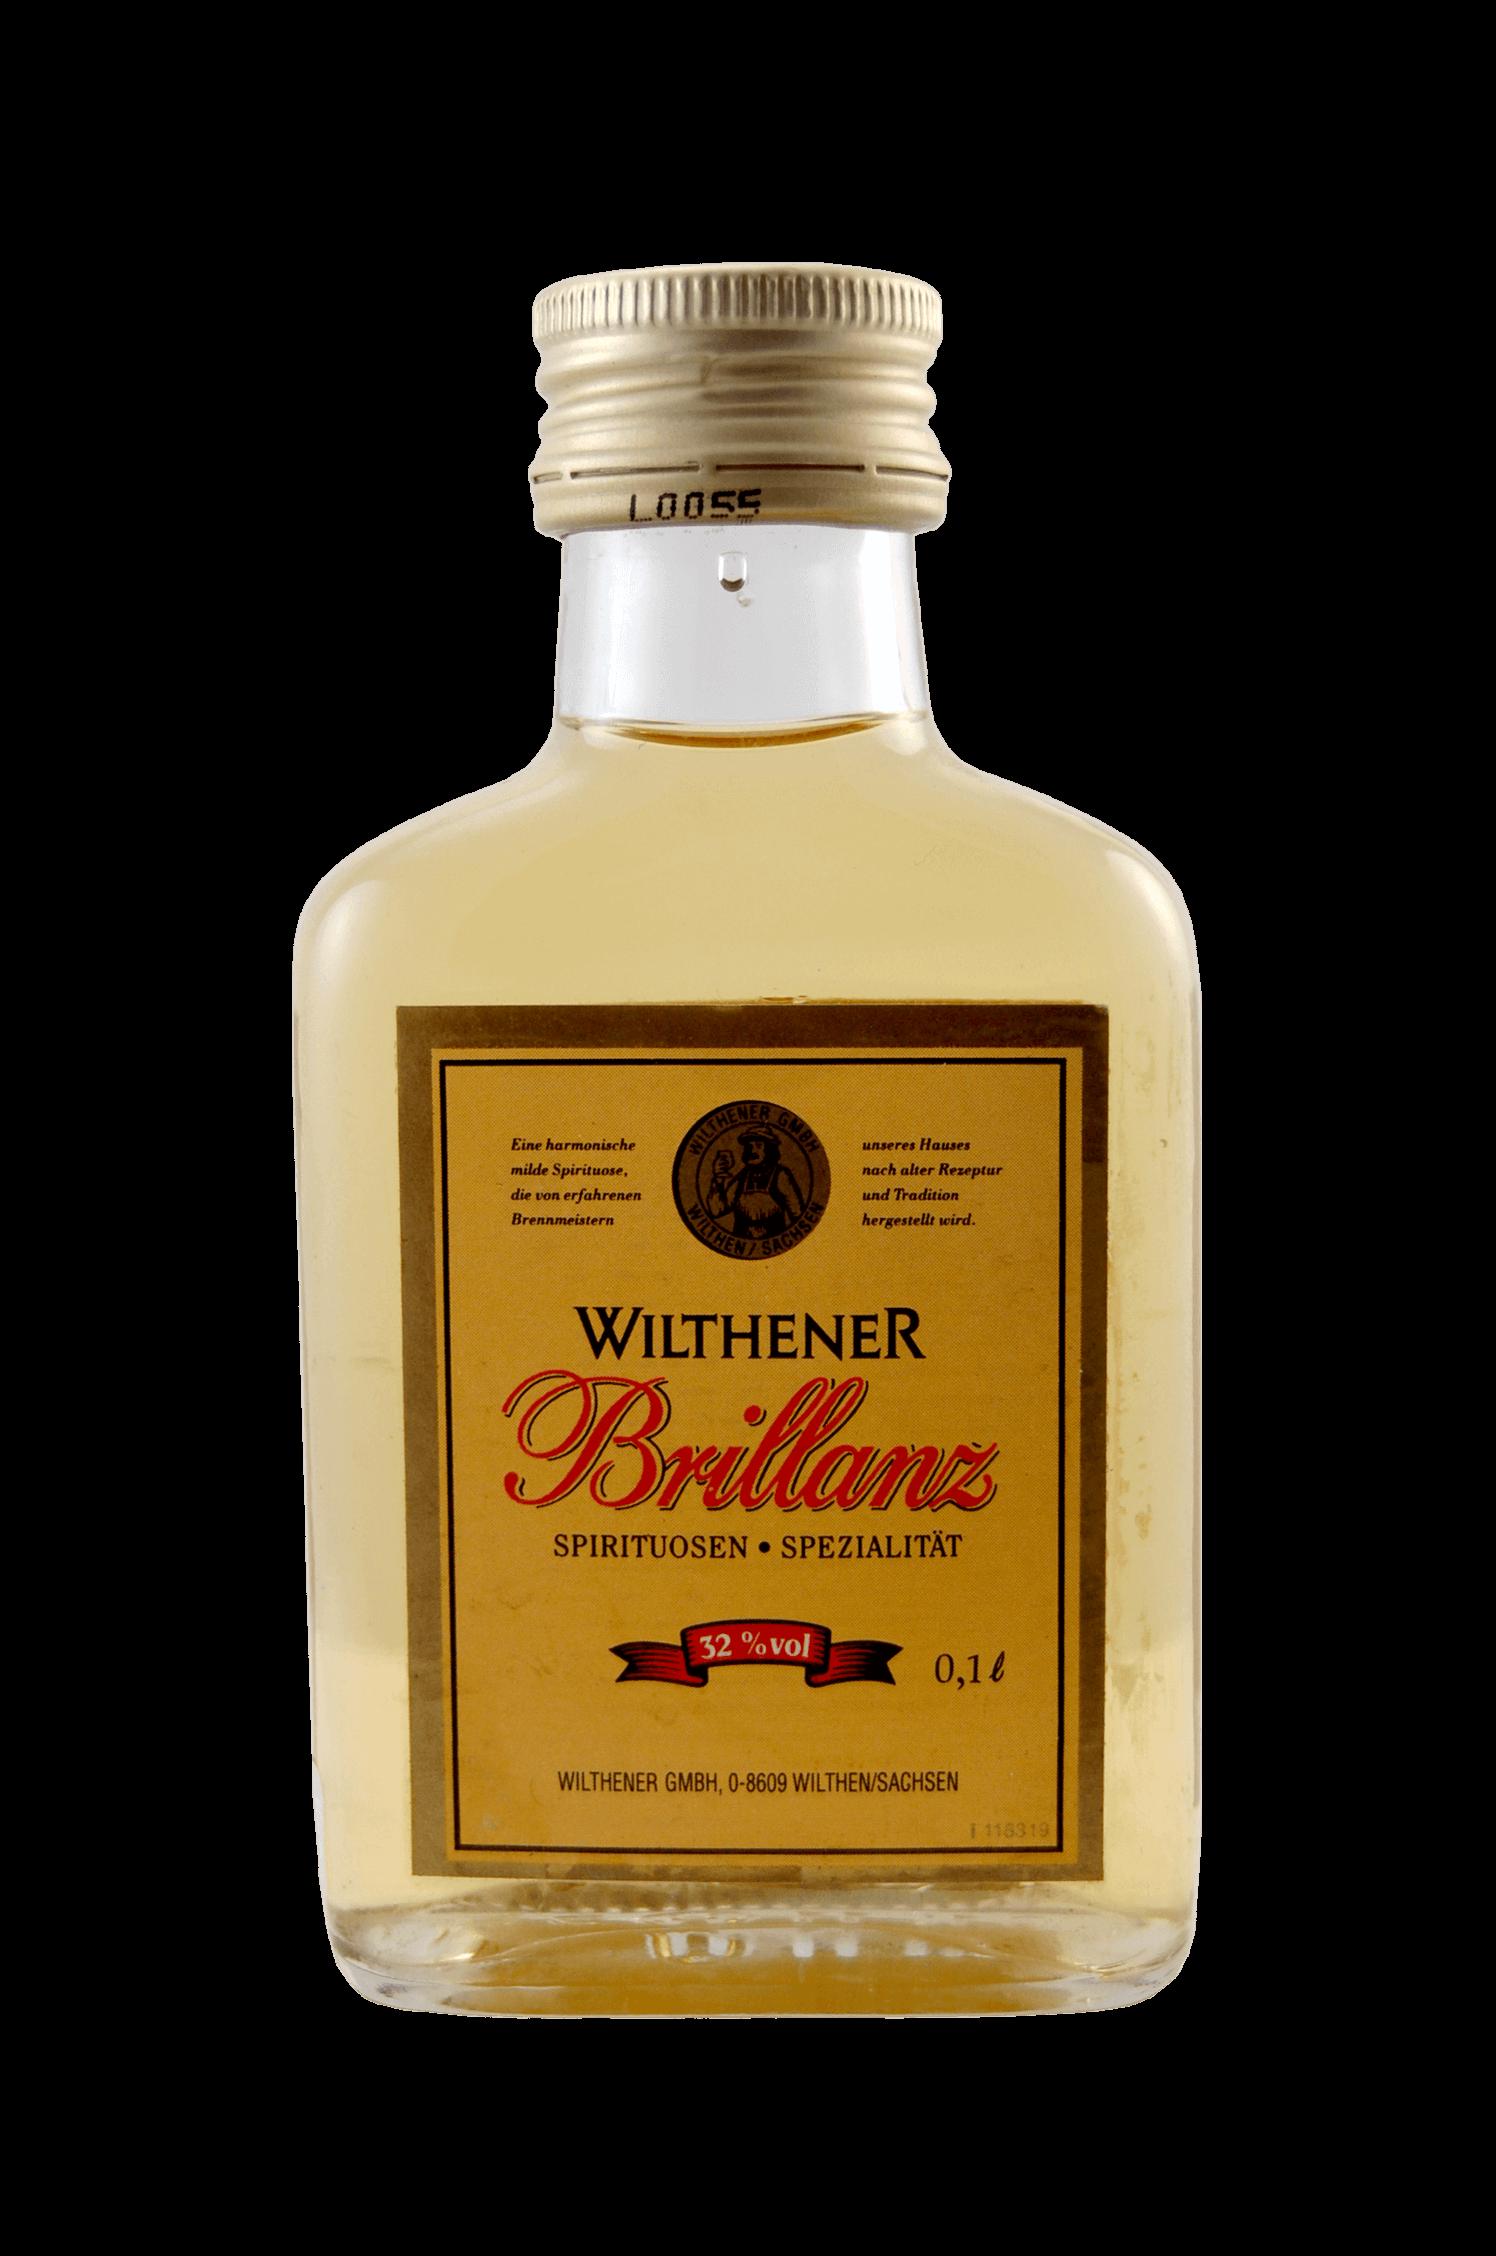 Wilthener Brillanz